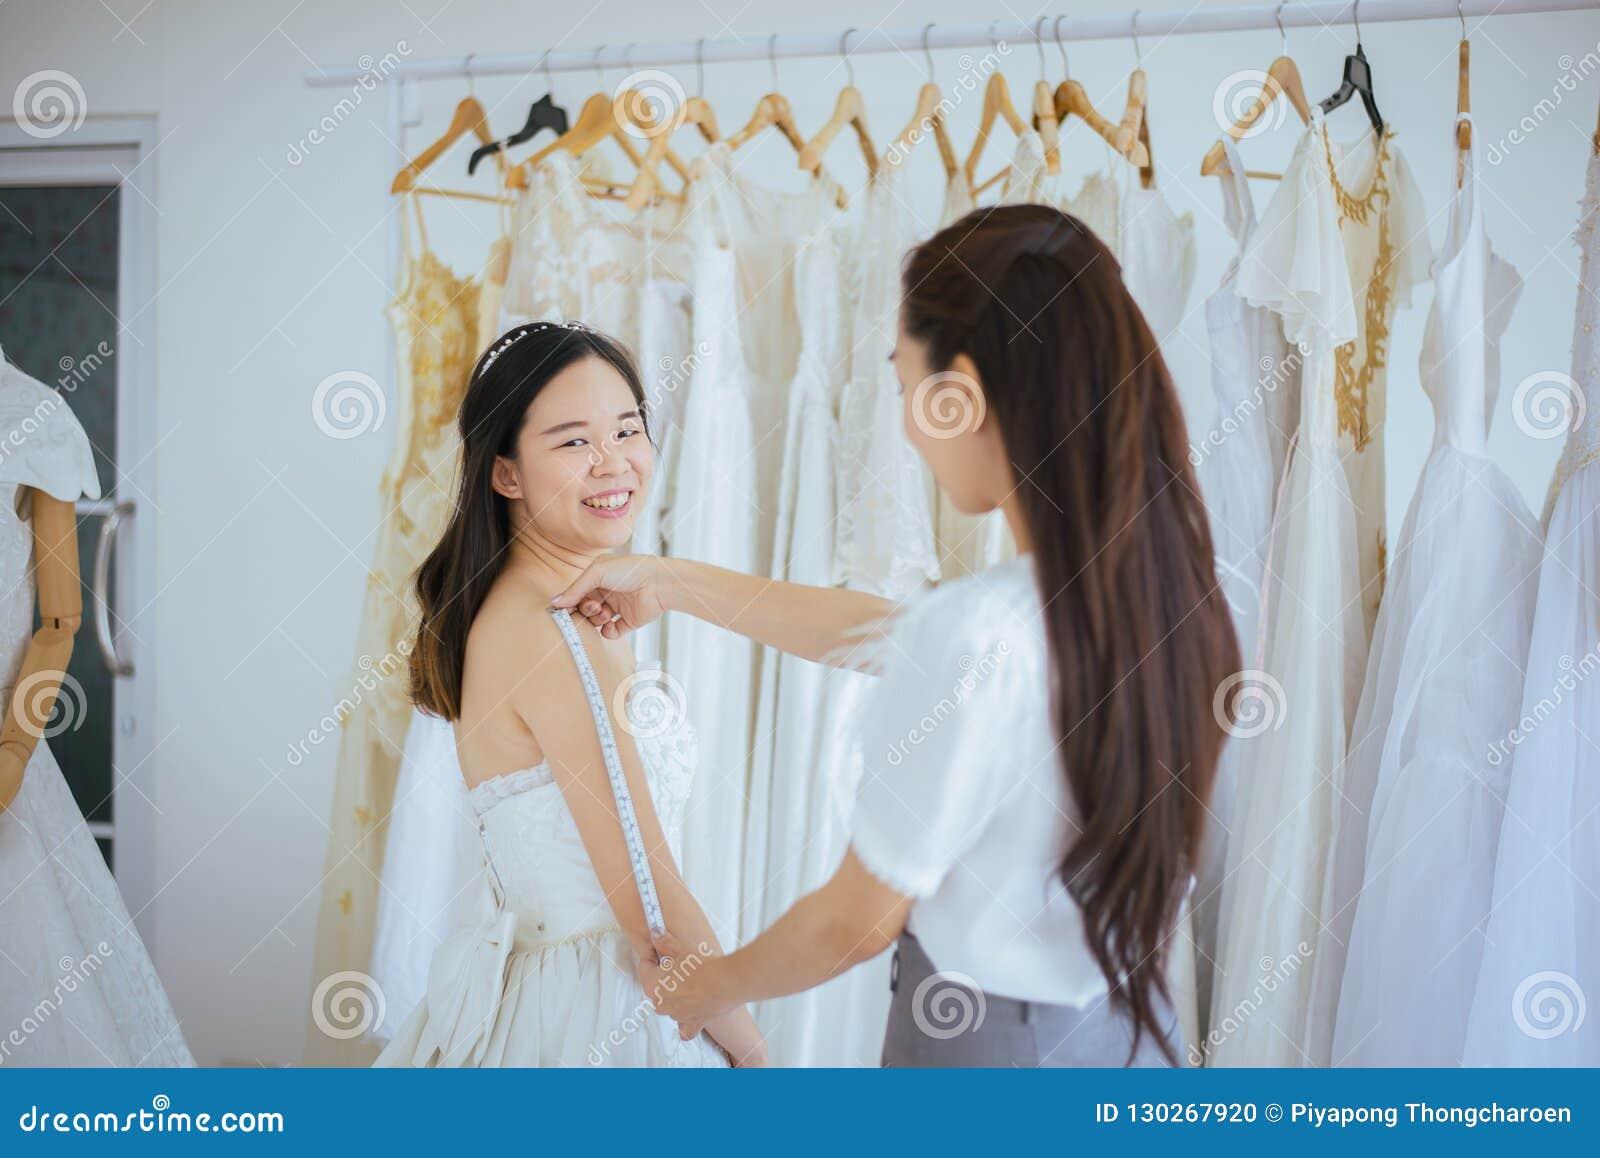 Asiatische Braut, die auf Hochzeitskleid, dem Frauendesigner in Mode machen Studio der Anpassung, glücklichem und das Lächeln ver